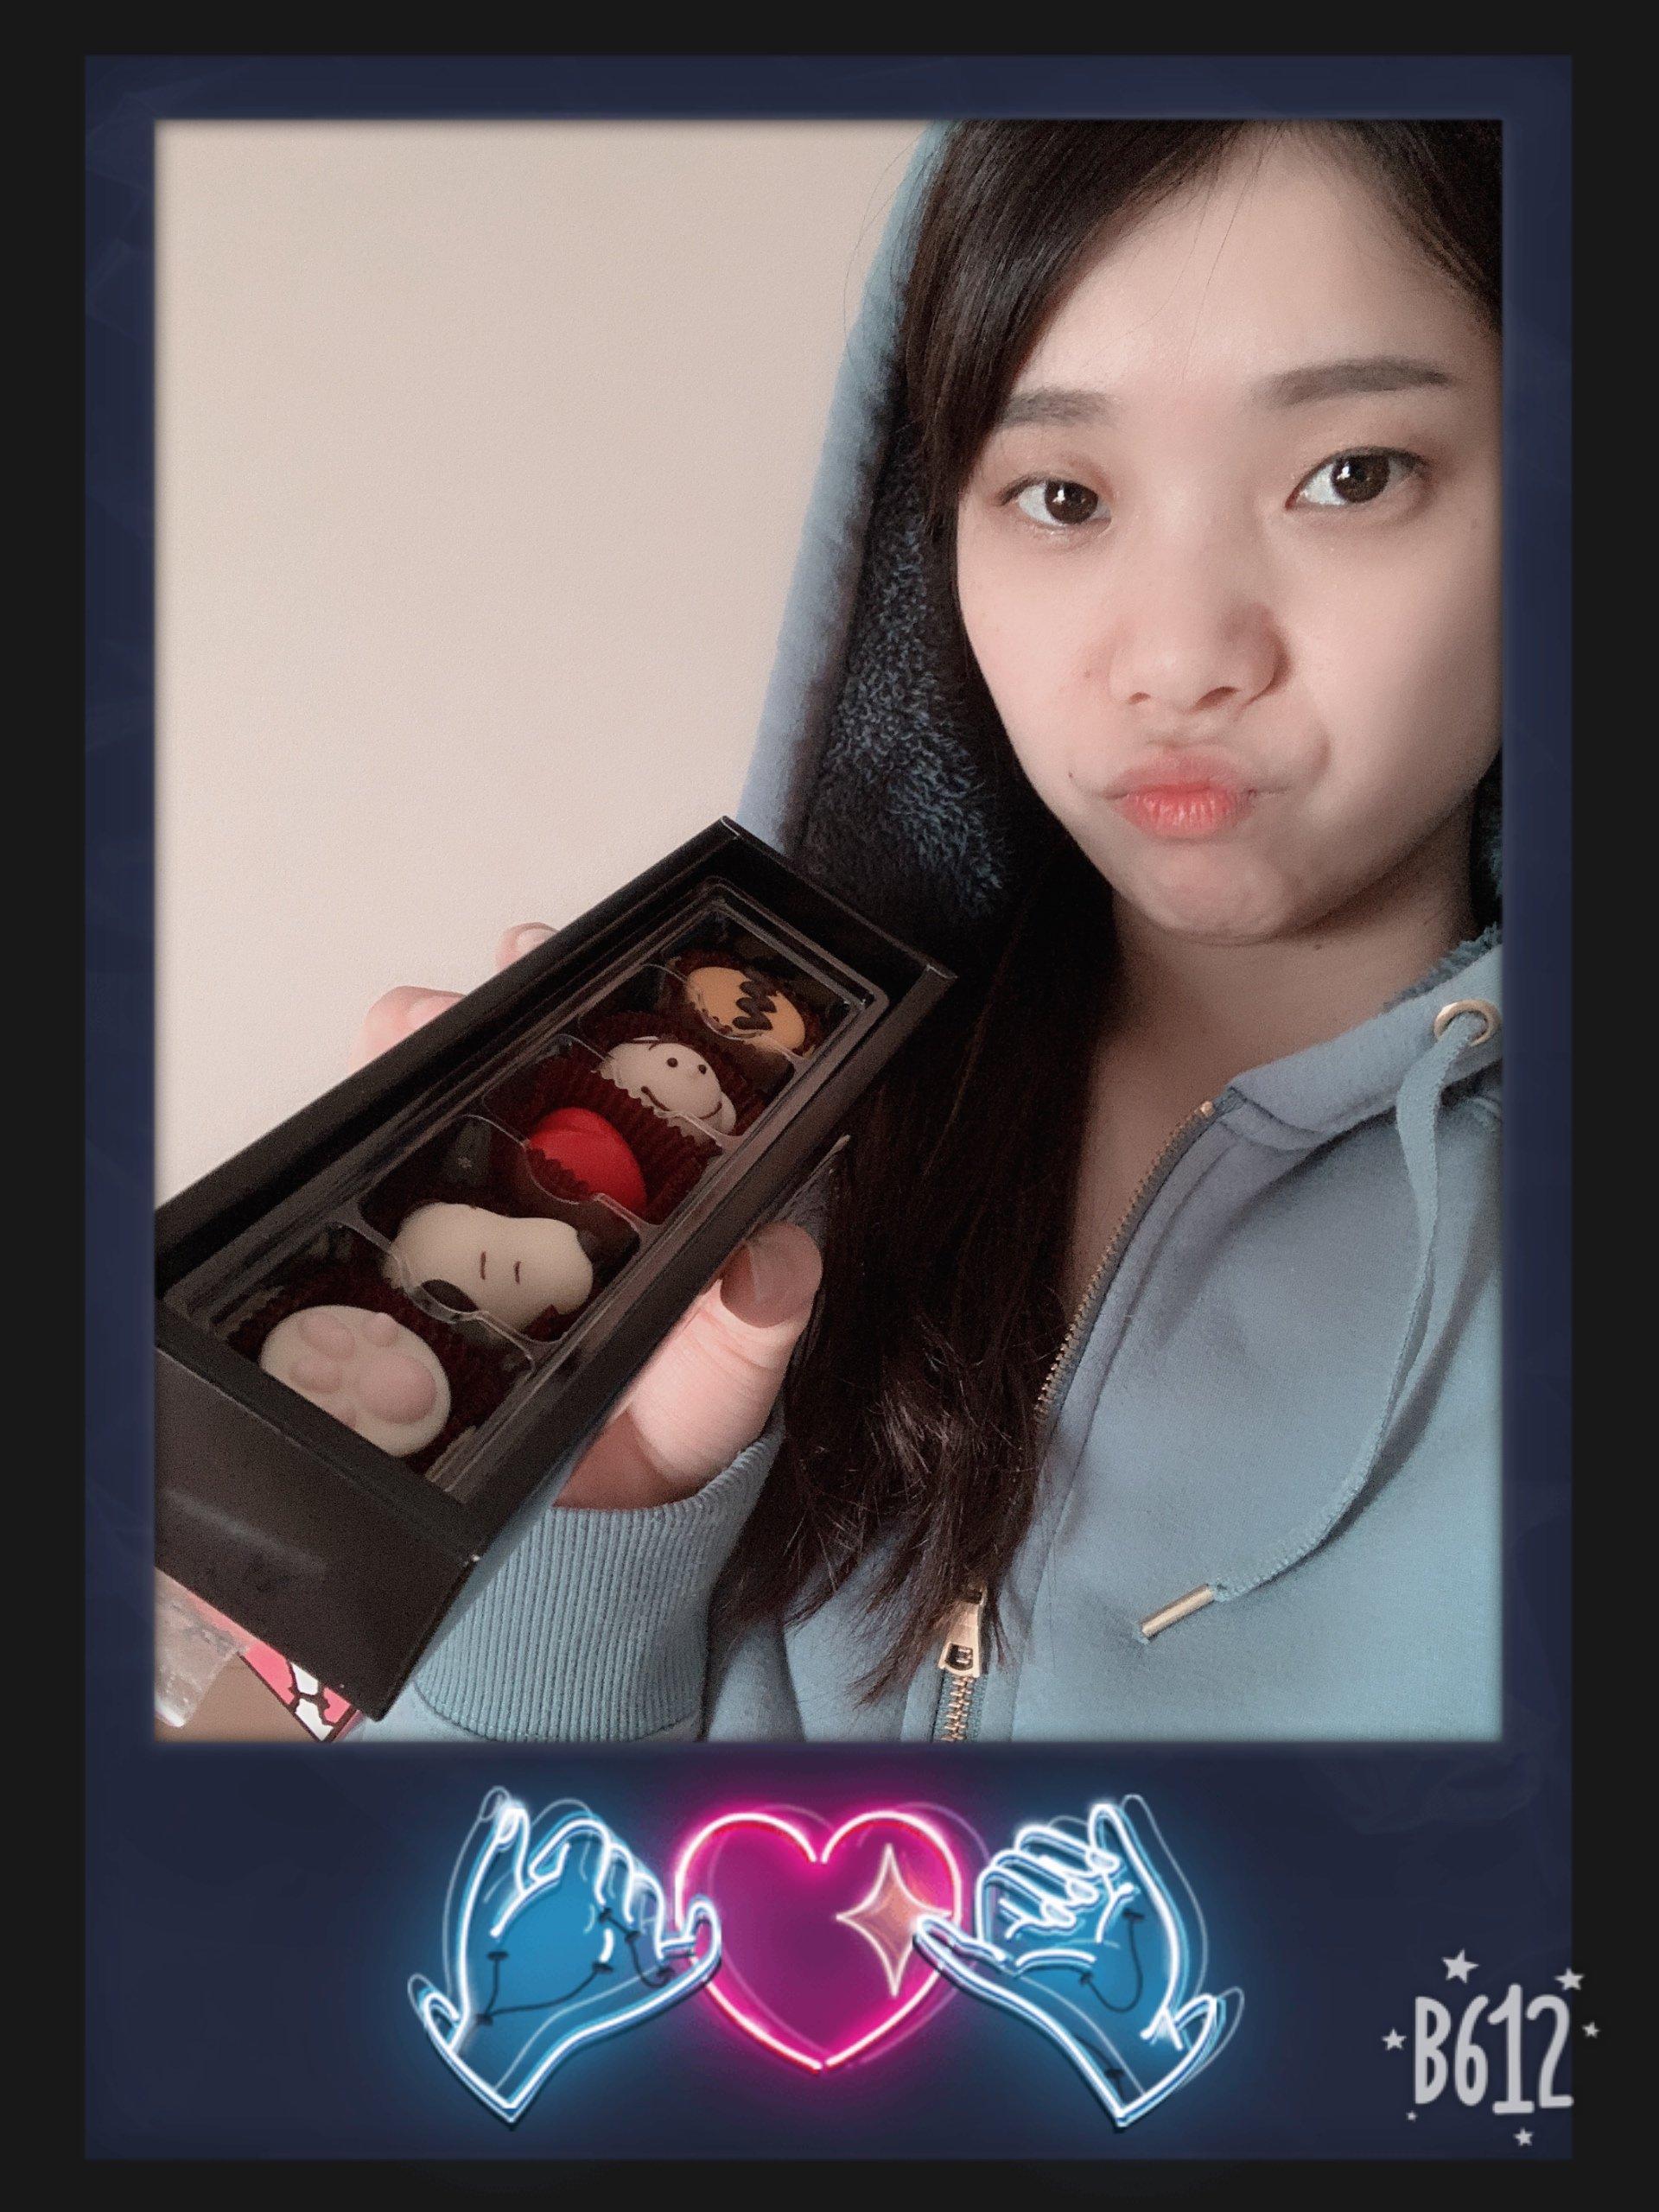 去年はチョコレート作って友チョコとして女友達にあげた♪今年も…